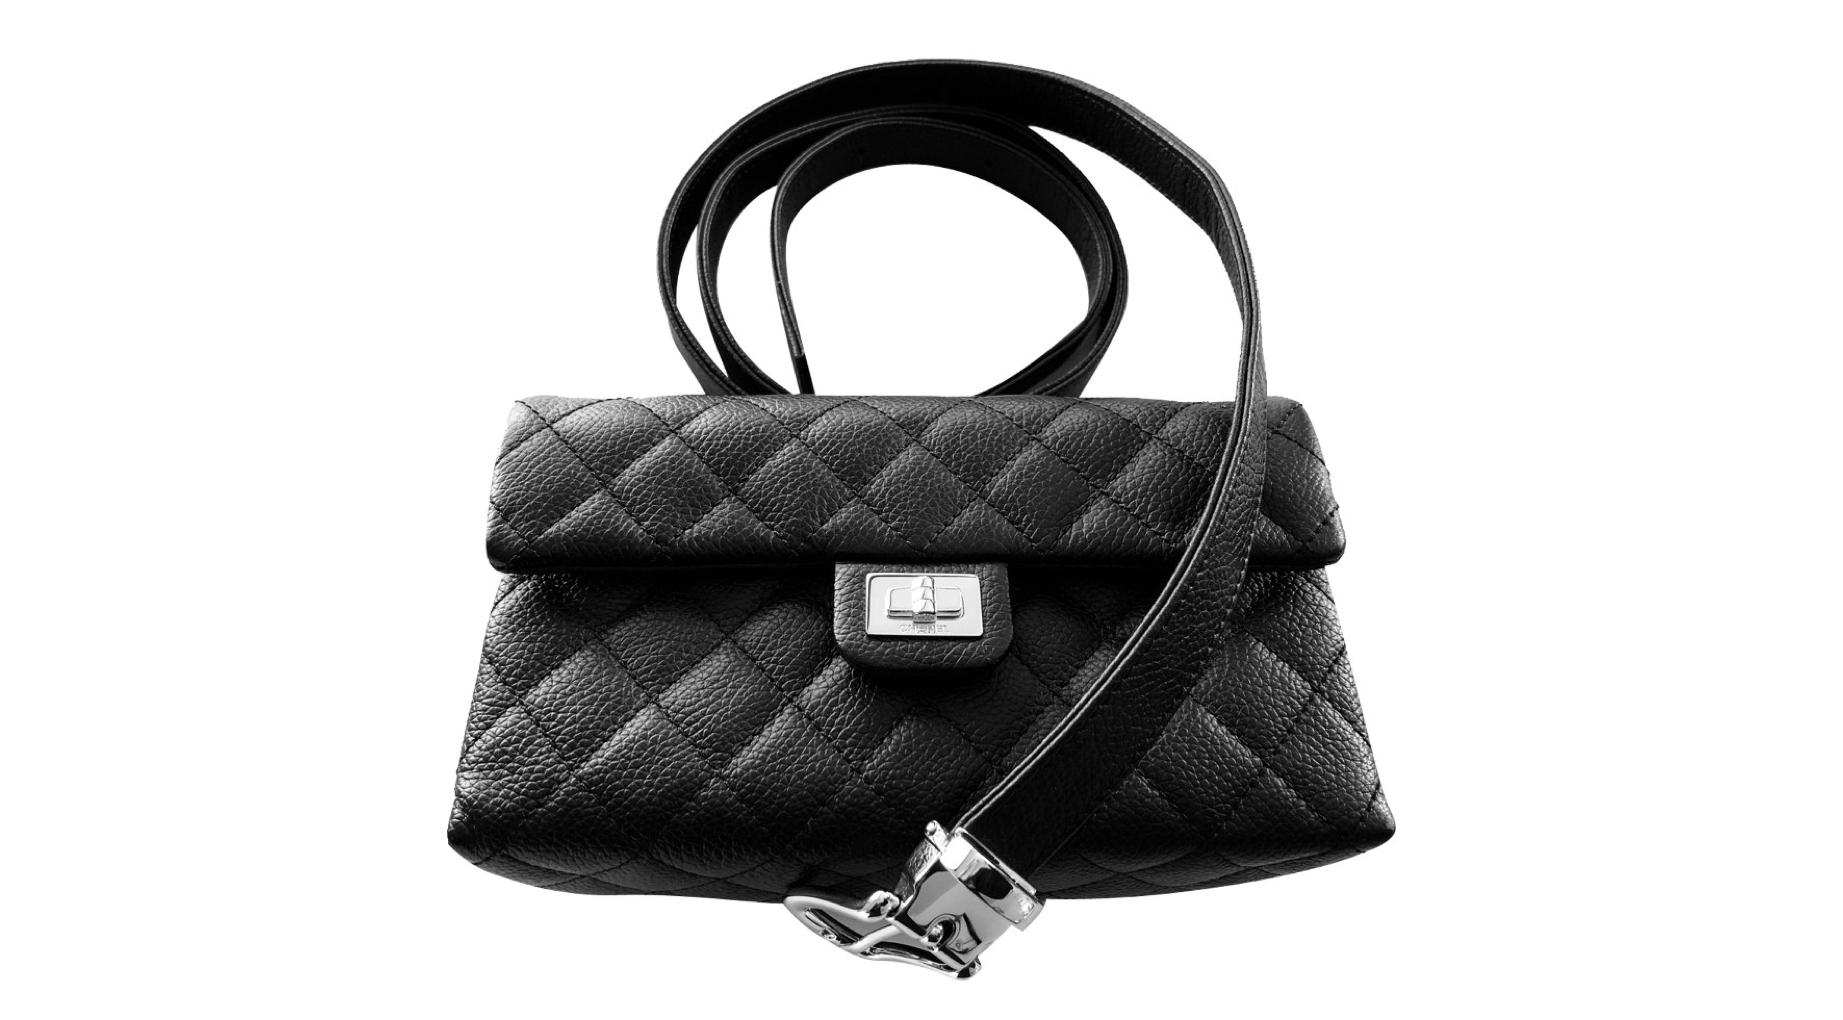 Túi xách Chanel Uniform là gì? 20